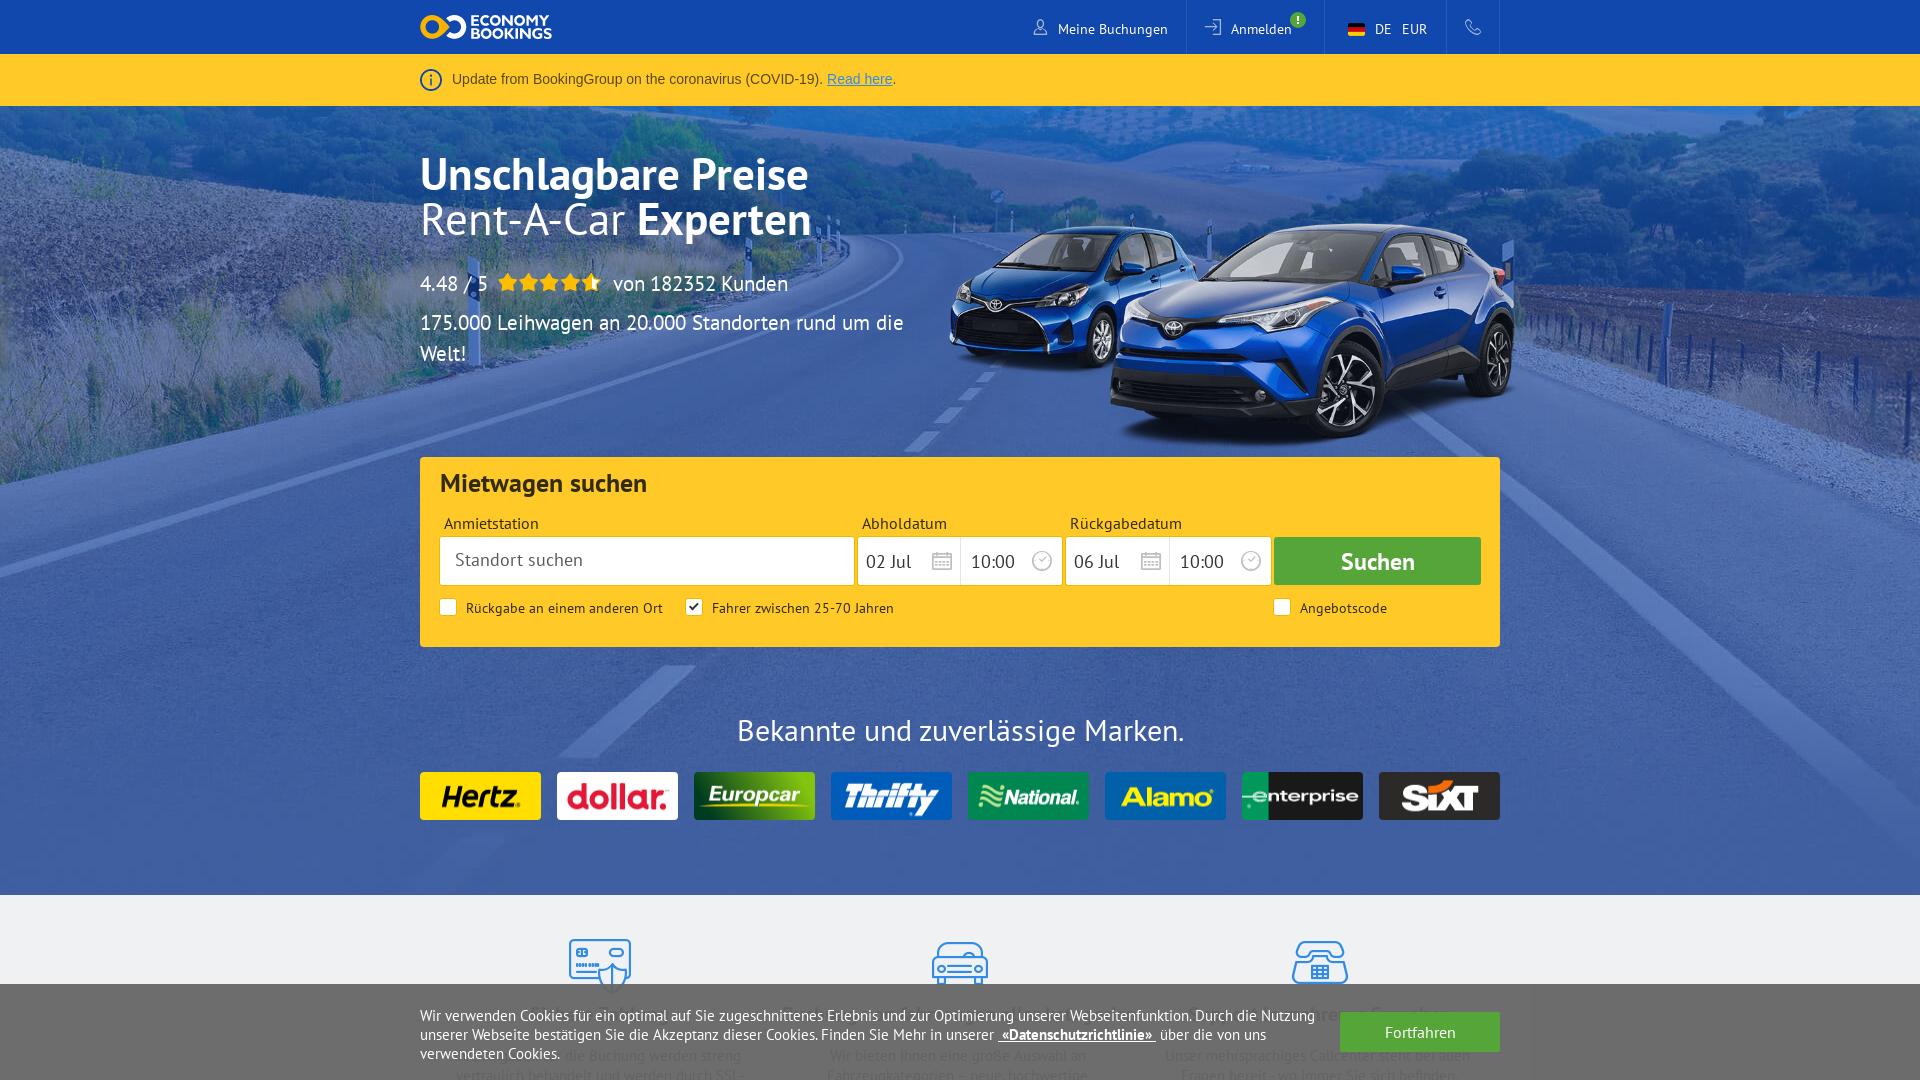 Economy Bookings website